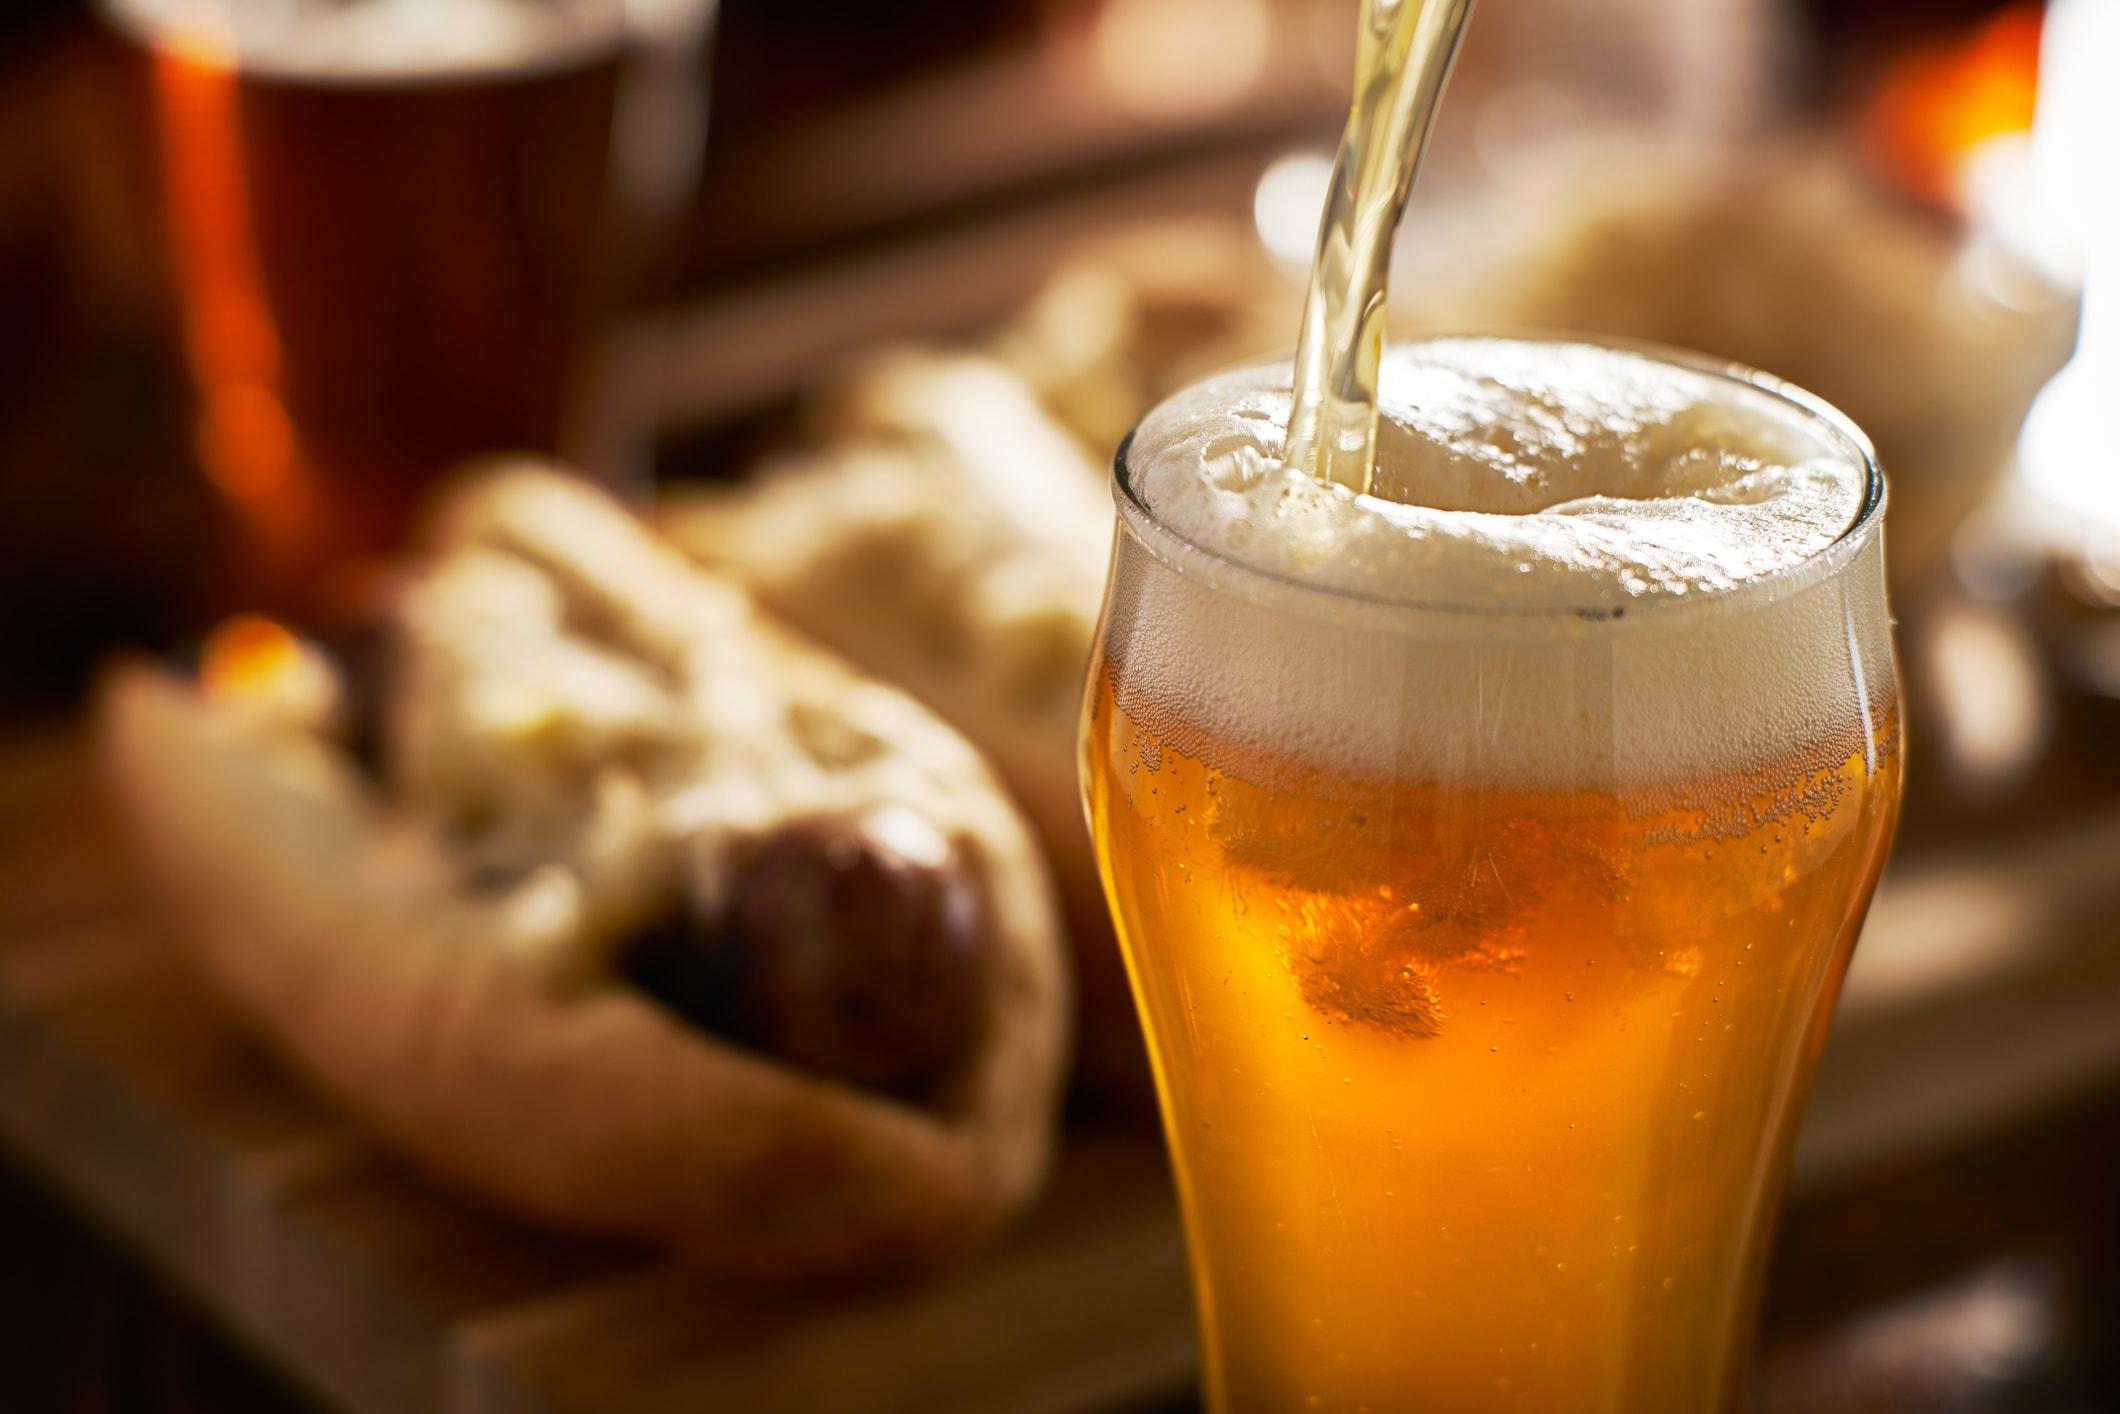 Überraschend: Bier kann gegen kaputte Haare helfen